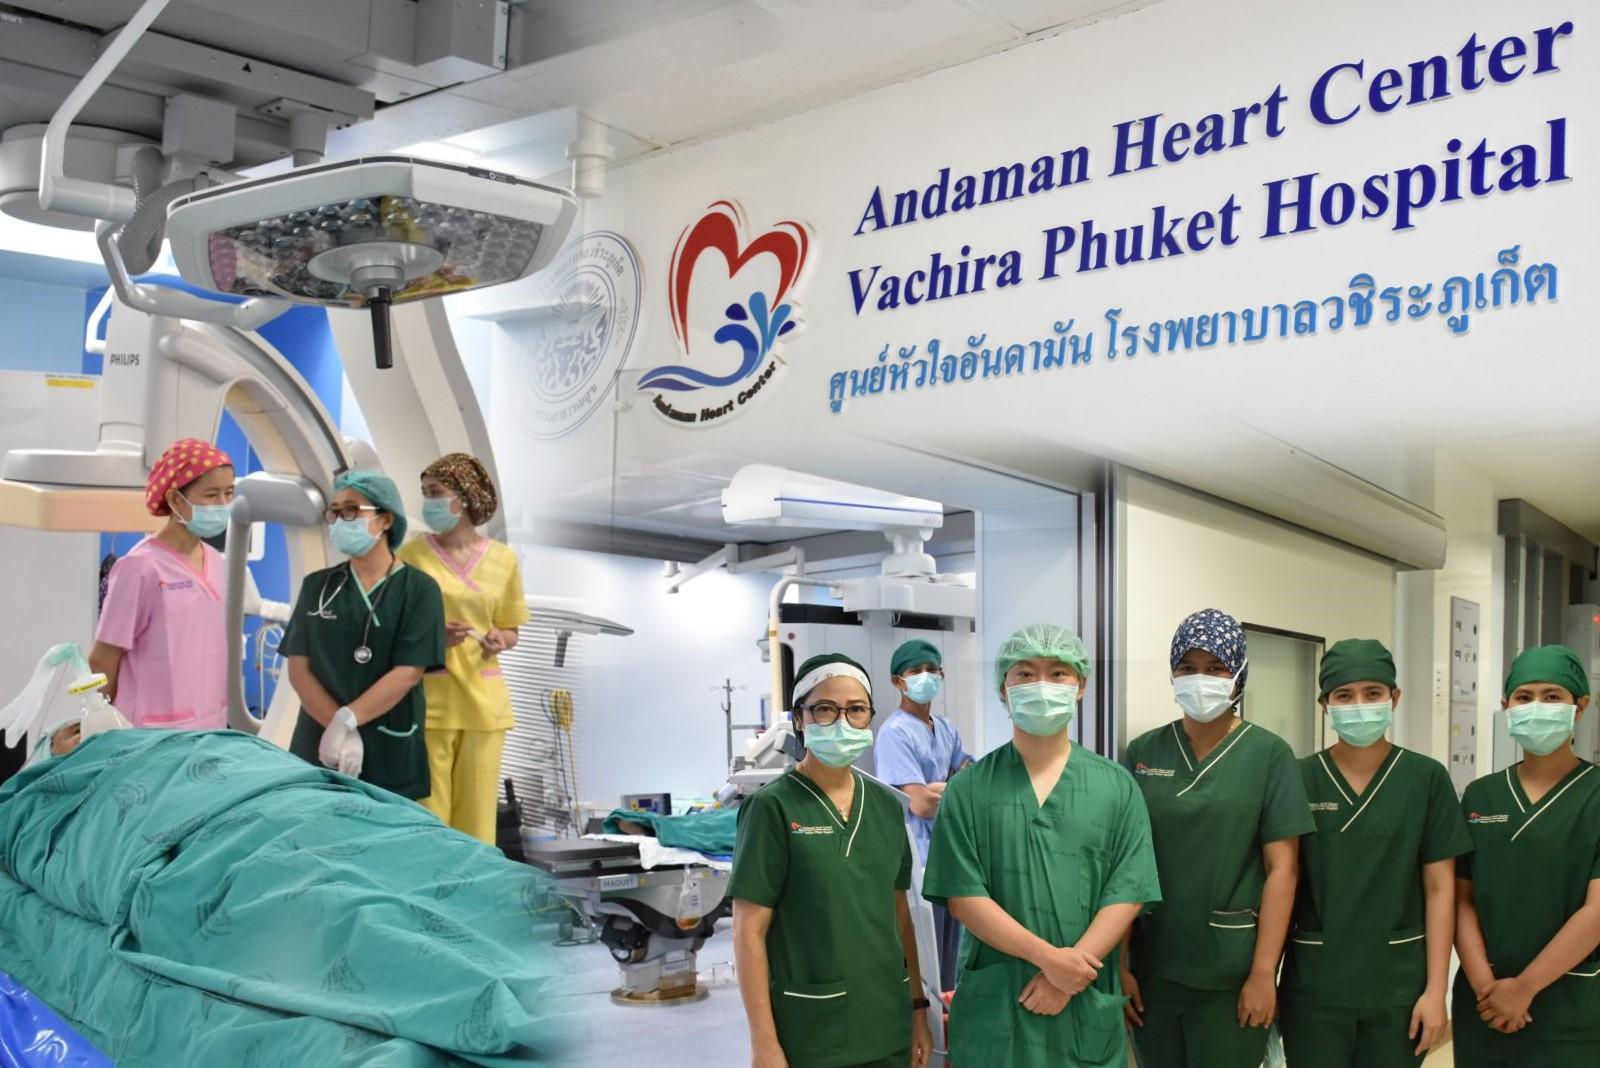 ศูนย์หัวใจอันดามัน รพ.วชิระภูเก็ต ห้องผ่าตัดหัวใจไฮบริดแห่งเดียวในภาคใต้